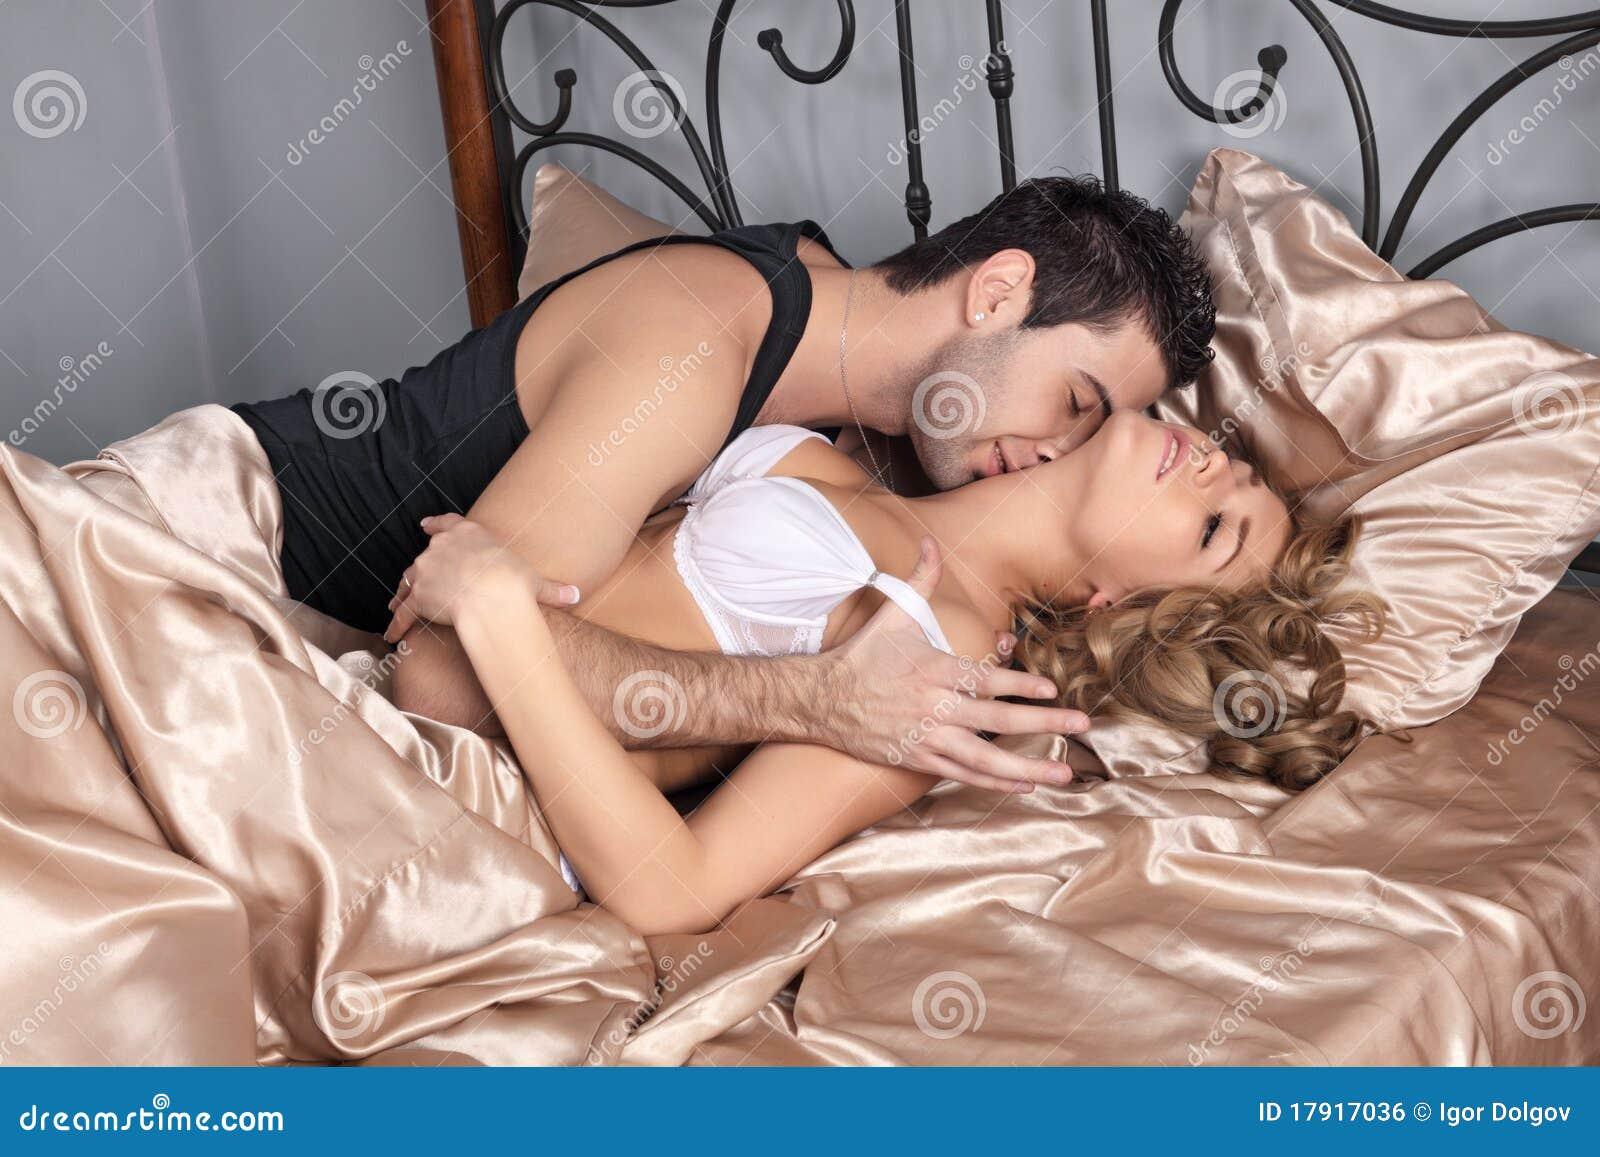 Секс на пастели онлайн 15 фотография